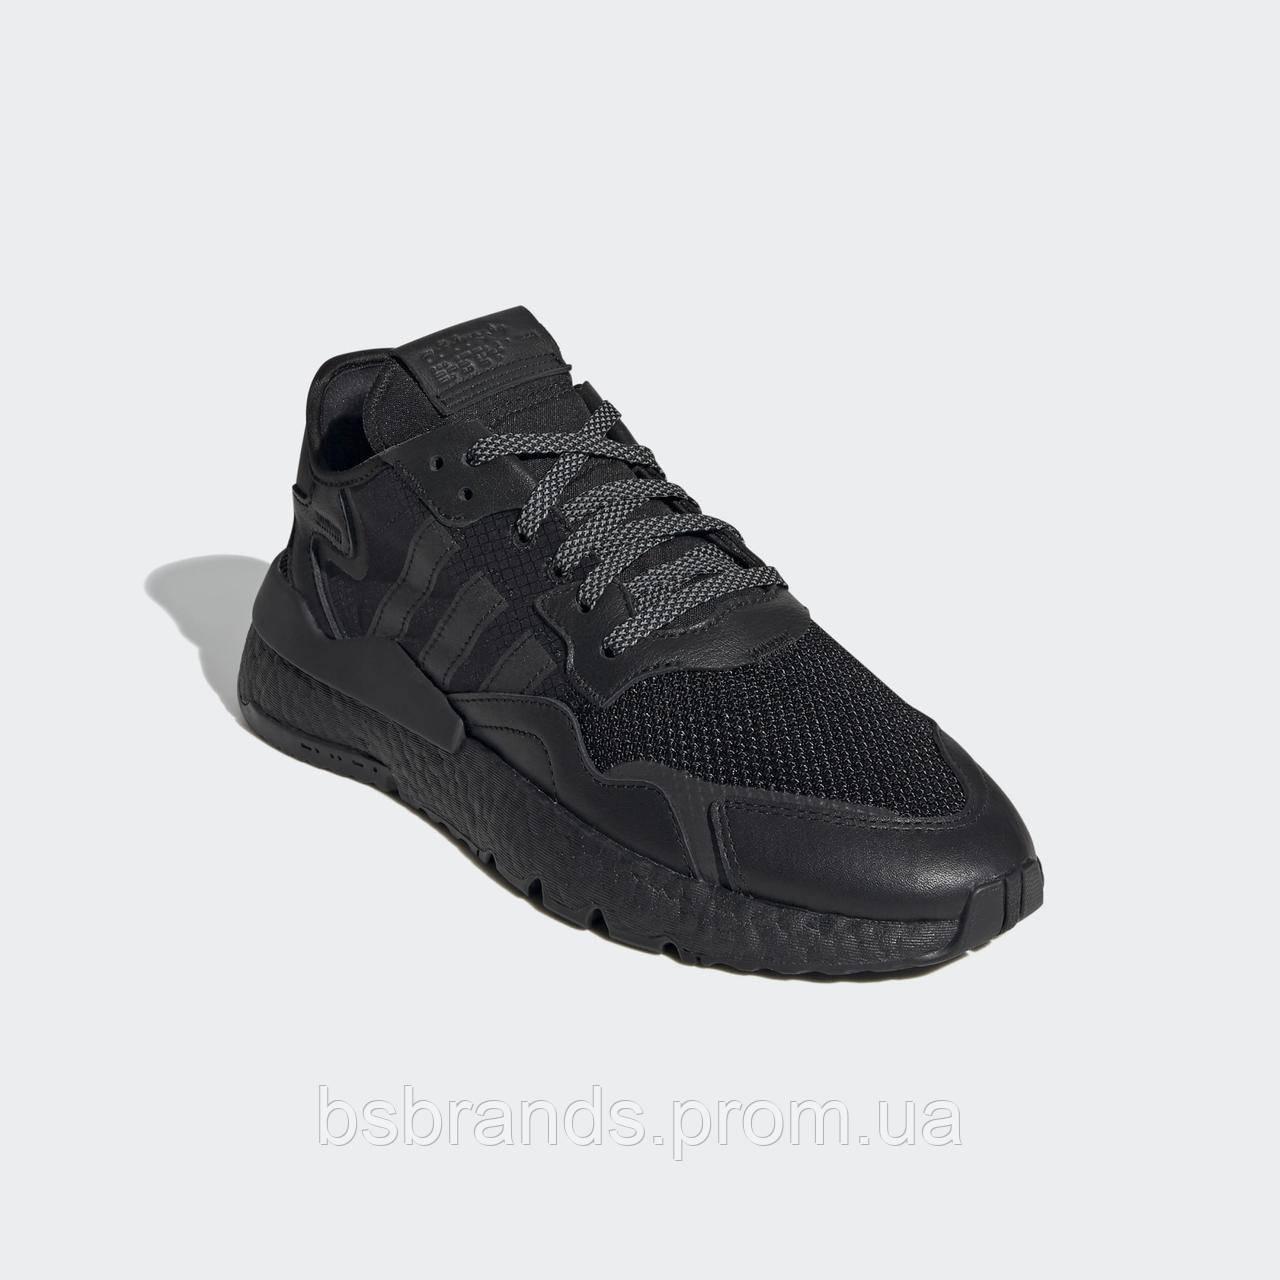 Мужские кроссовки адидас Nite Jogger FV1277 (2020/2)